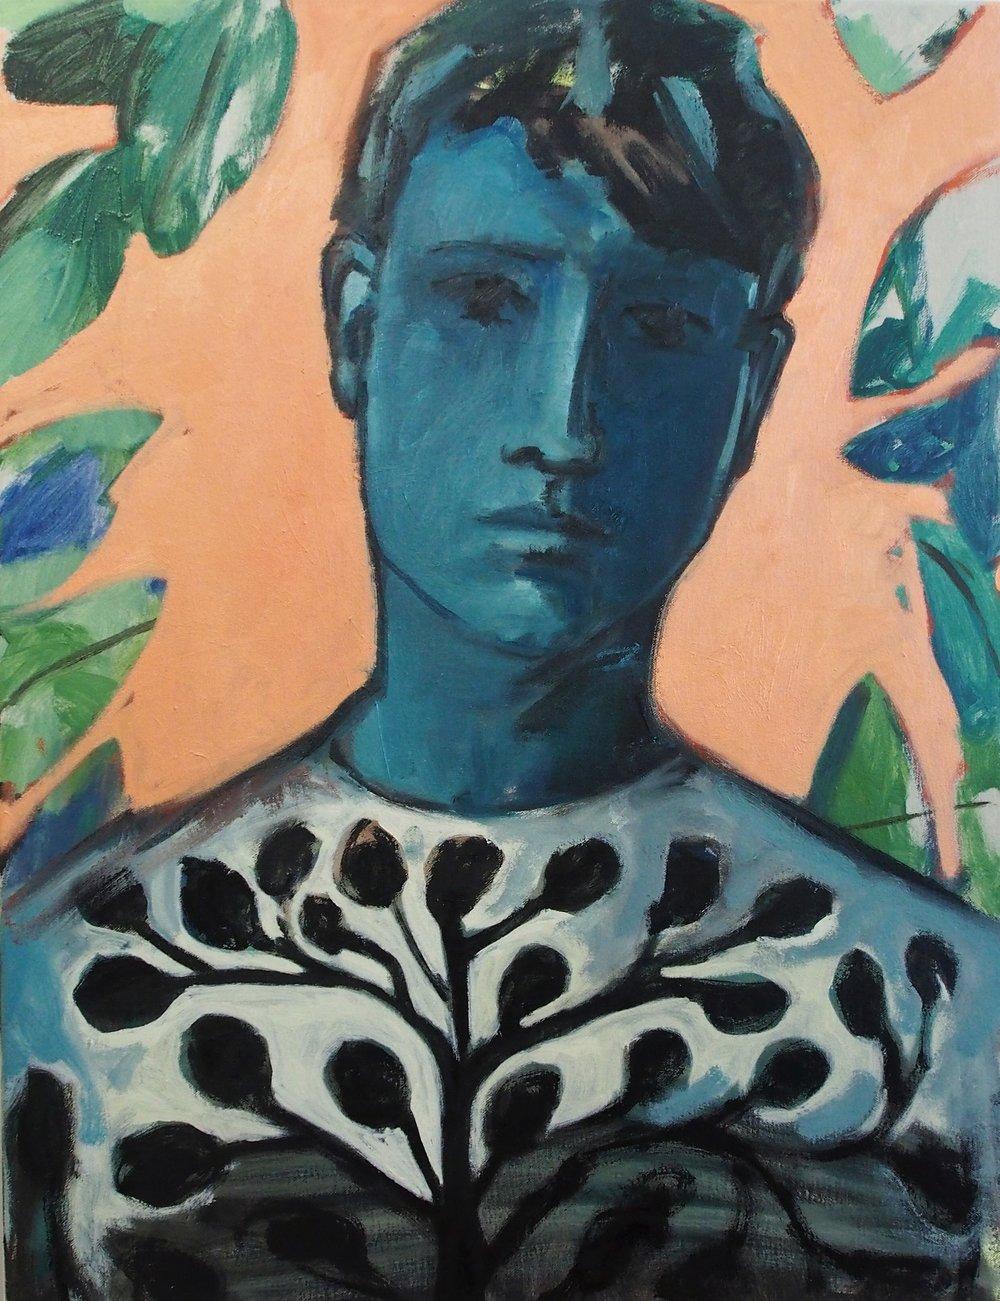 Son, 2017 Oil on canvas 66 x 50.5 cm